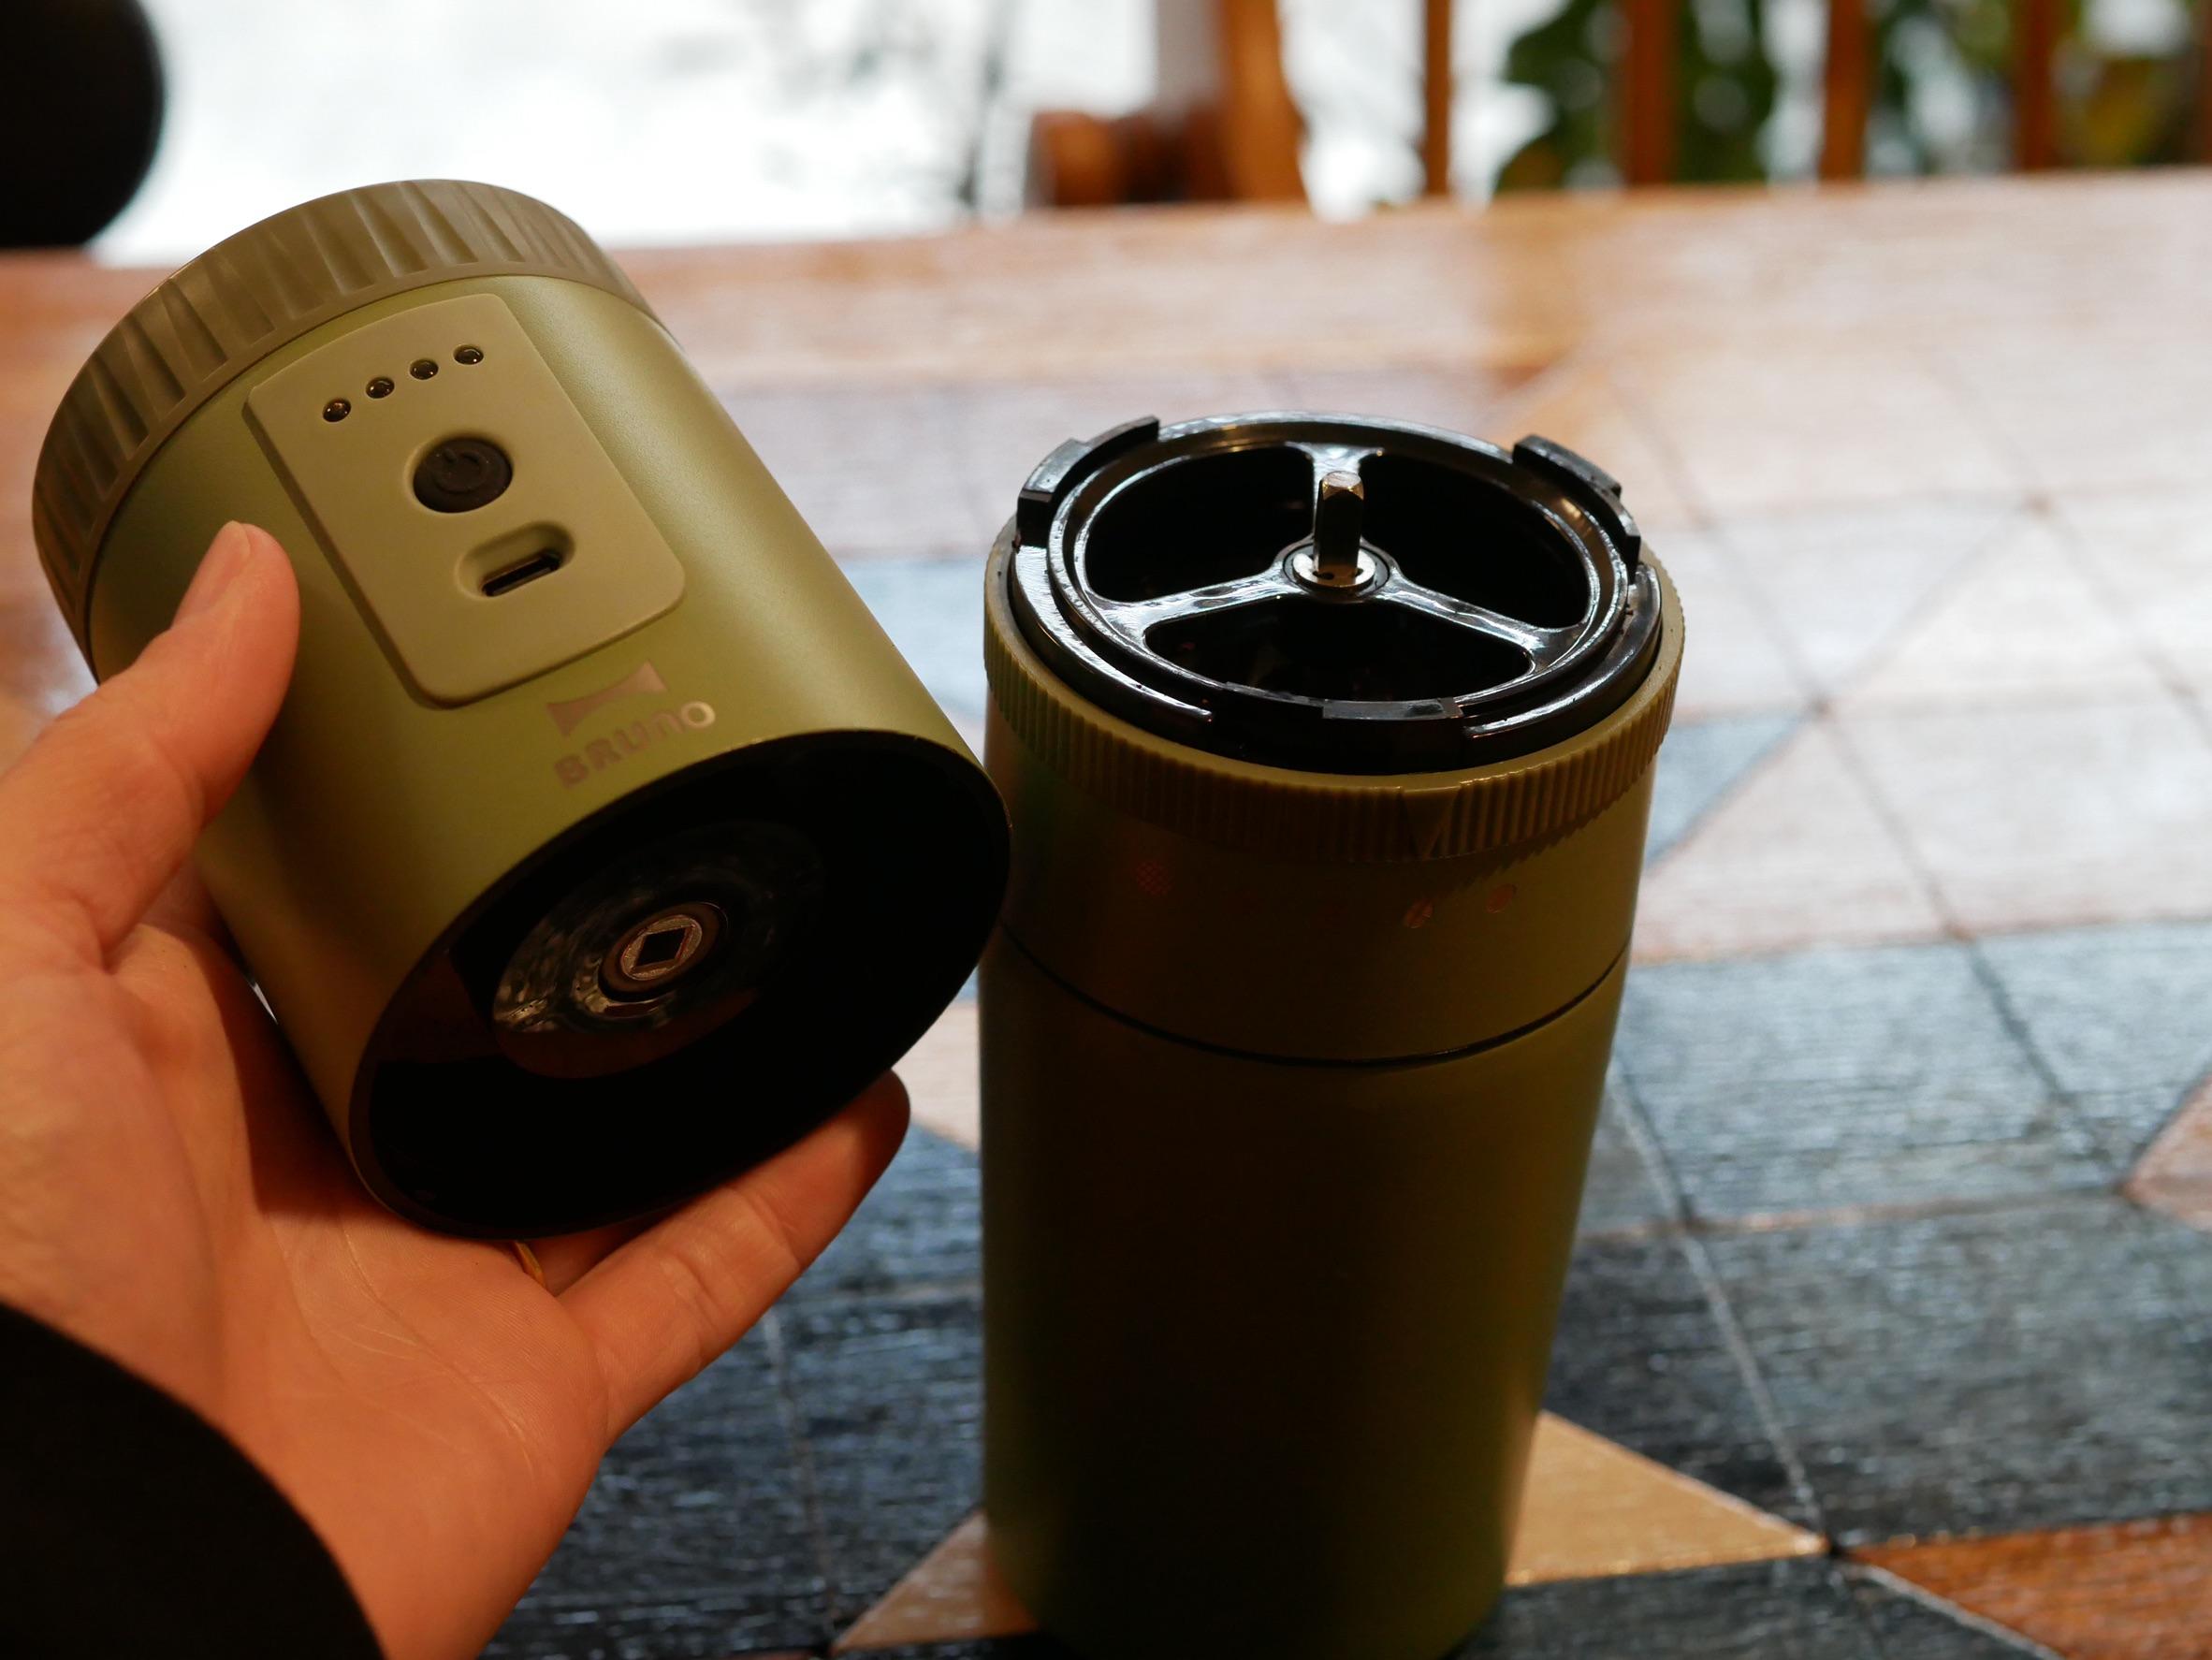 bruno 電動ミルコーヒーメーカー